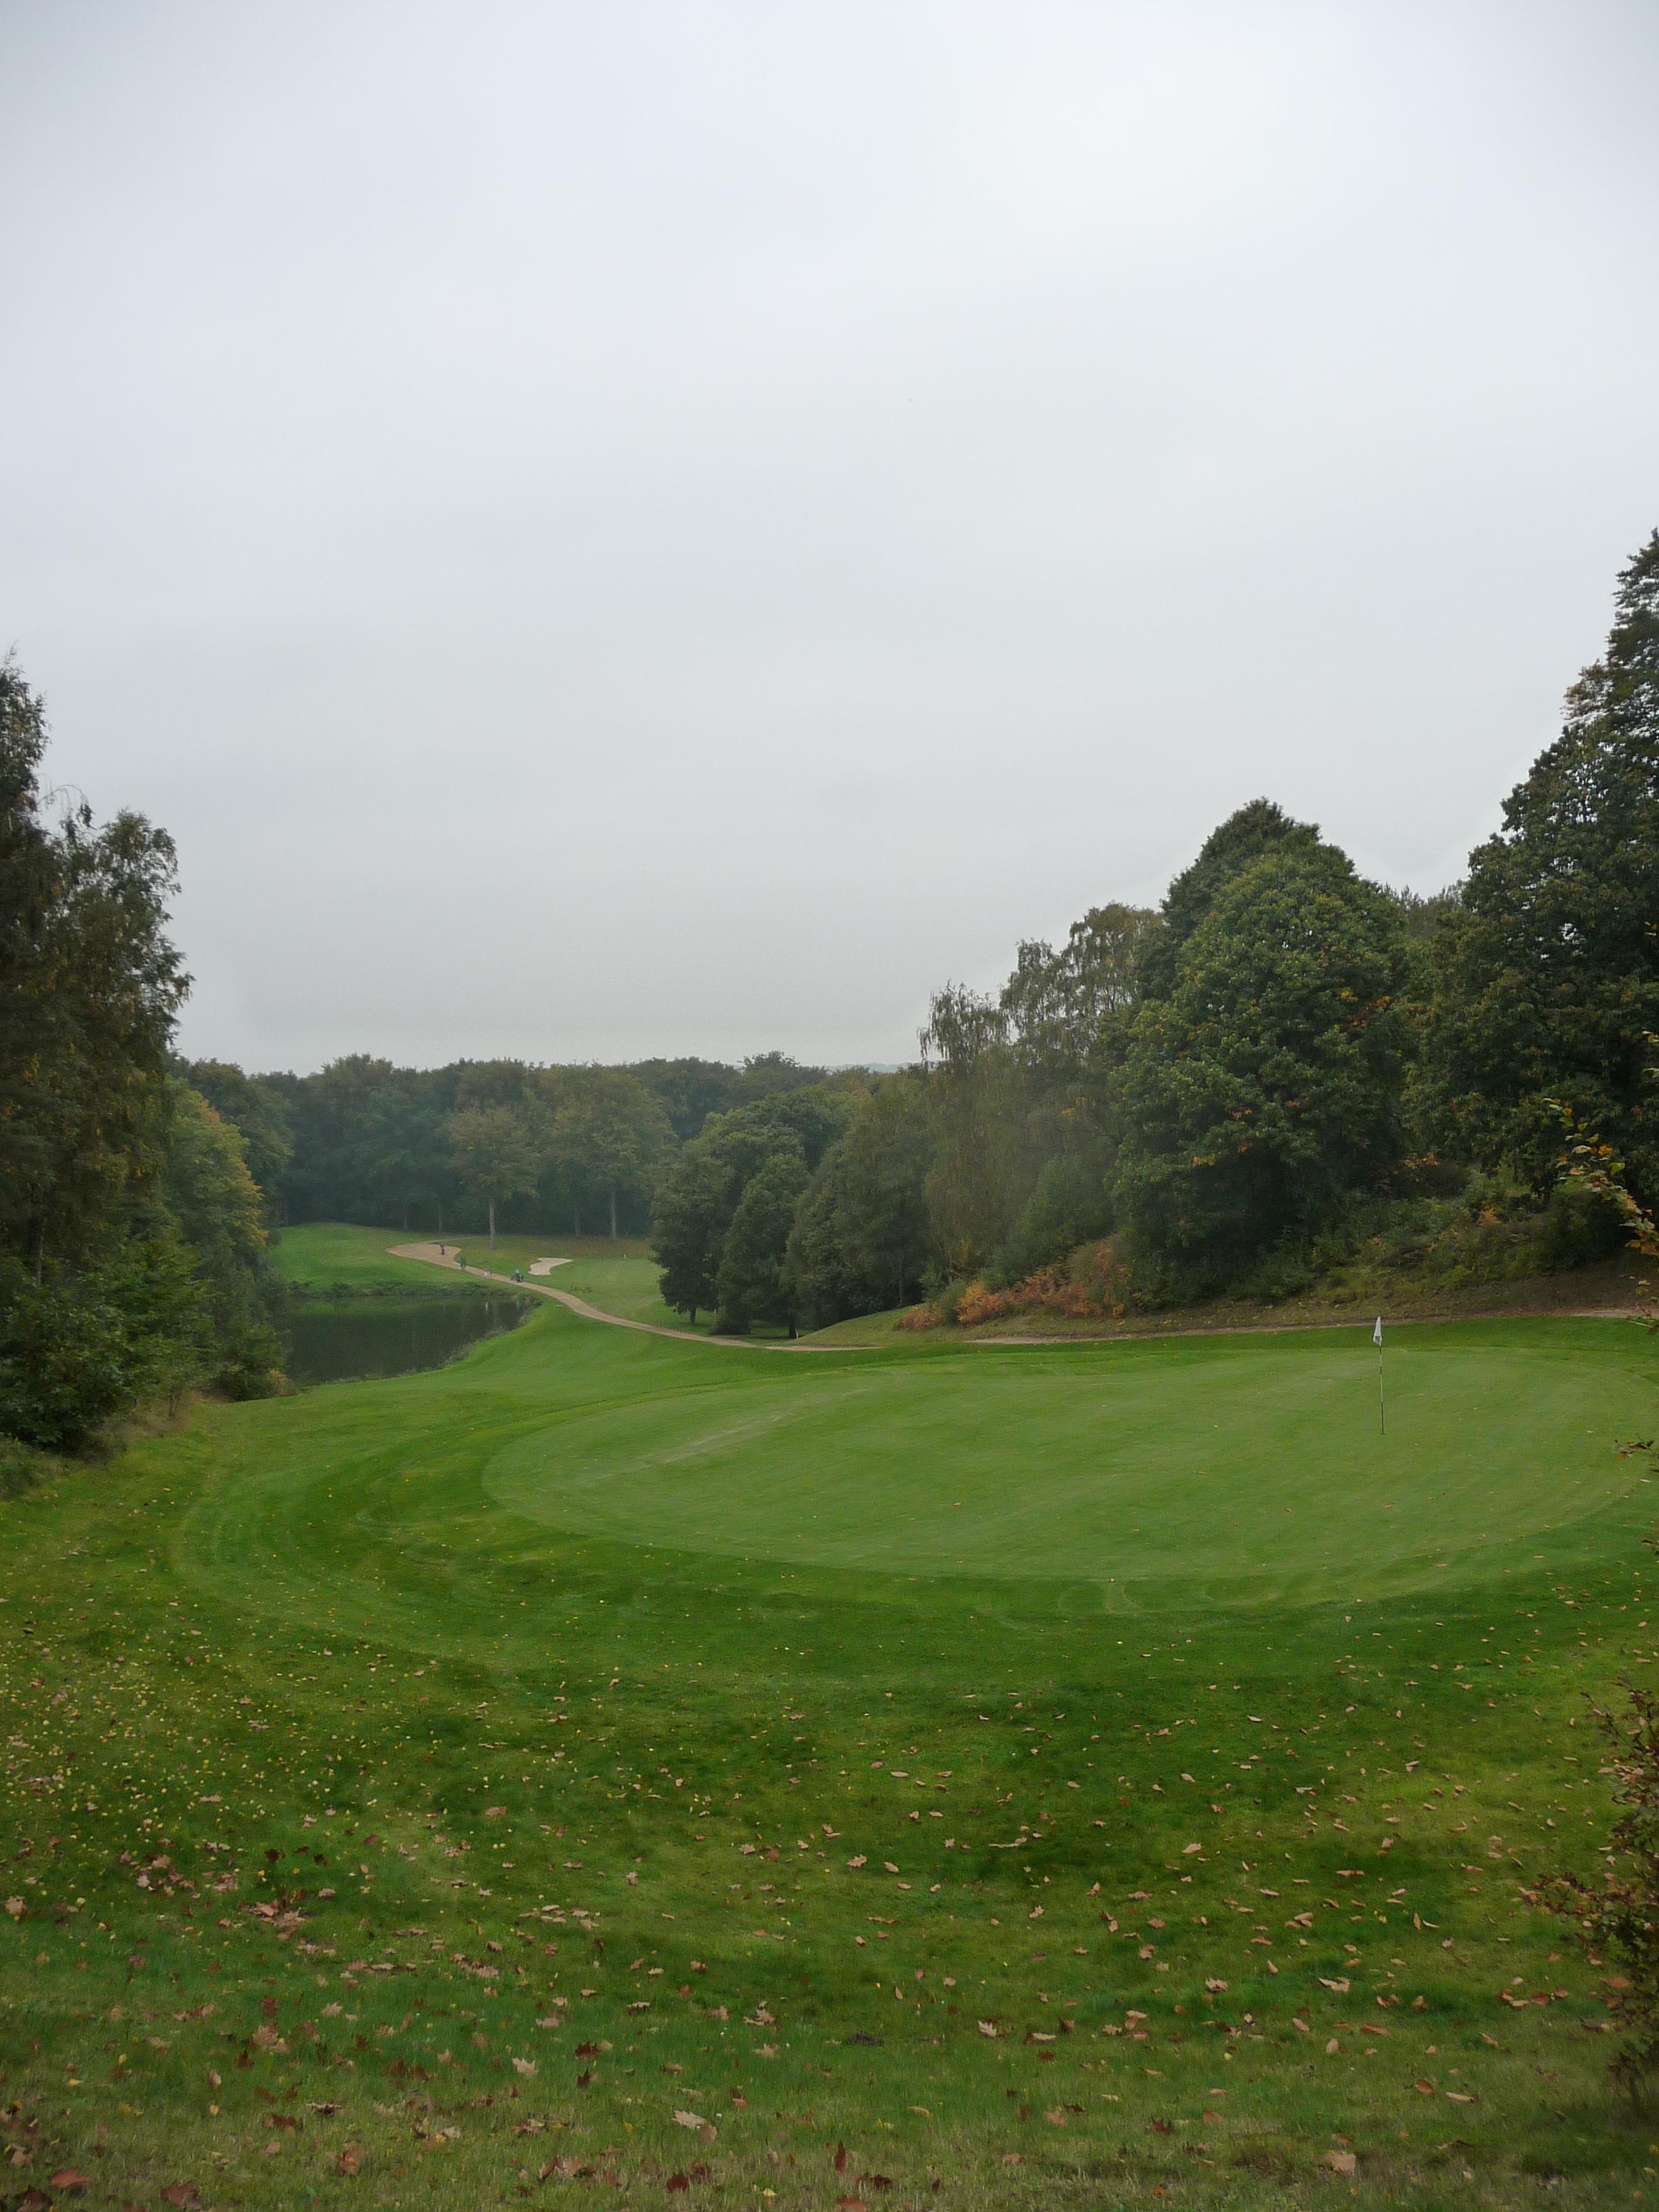 Golf course in Bercuit, Belgium